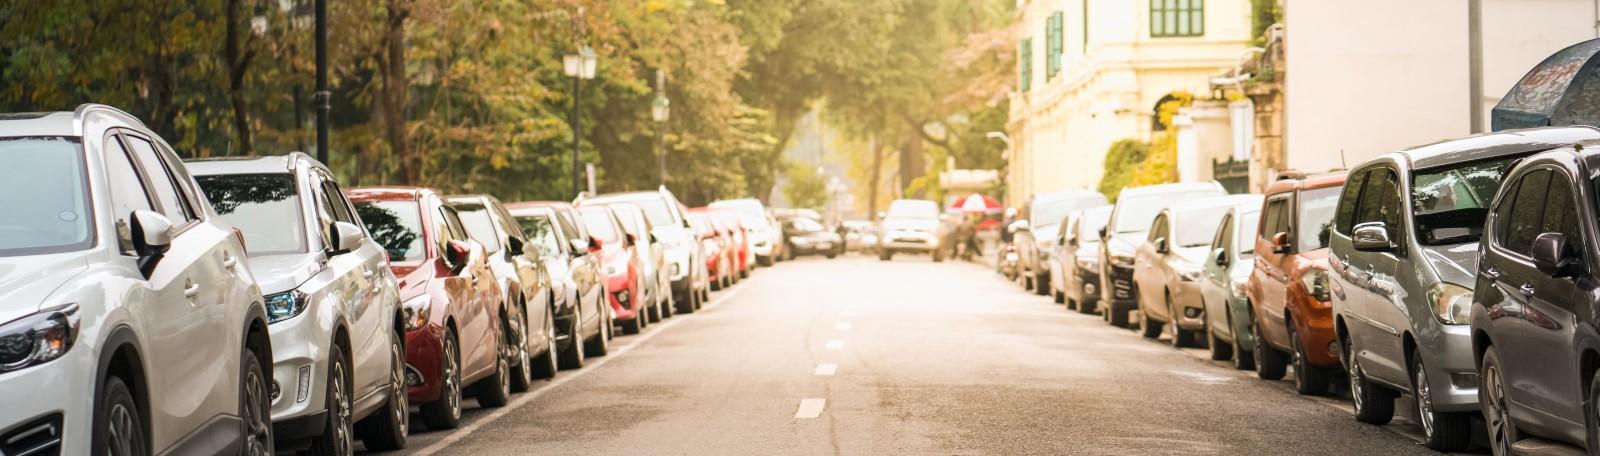 Stationnez dans votre rue dans la ville de Colombes